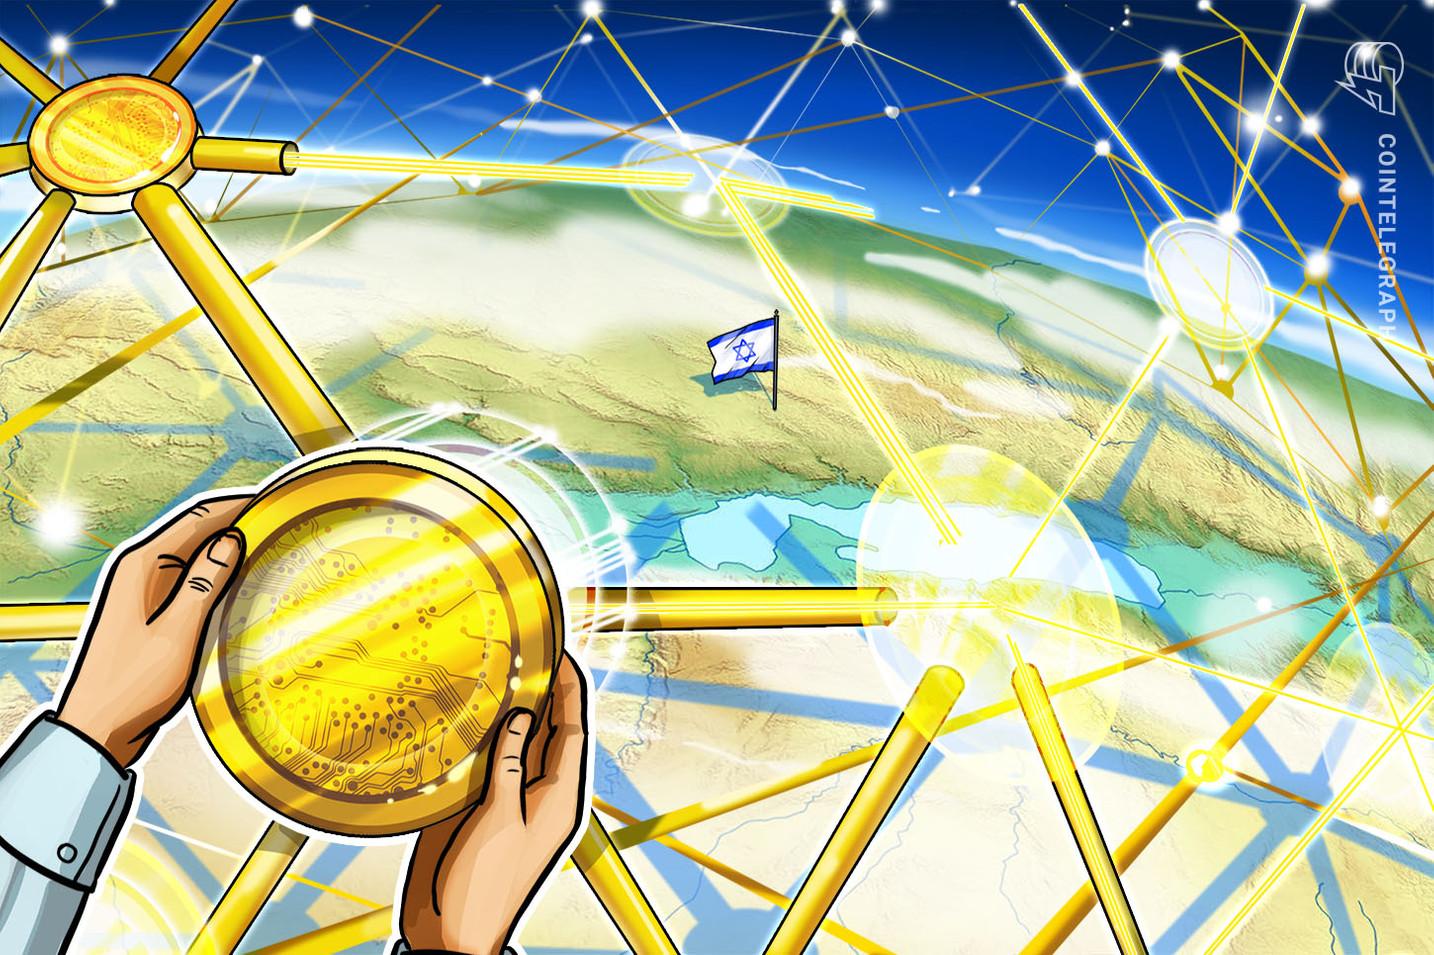 Izrael fogadja a 11. elnököt hivatali esküvel az NFT-n